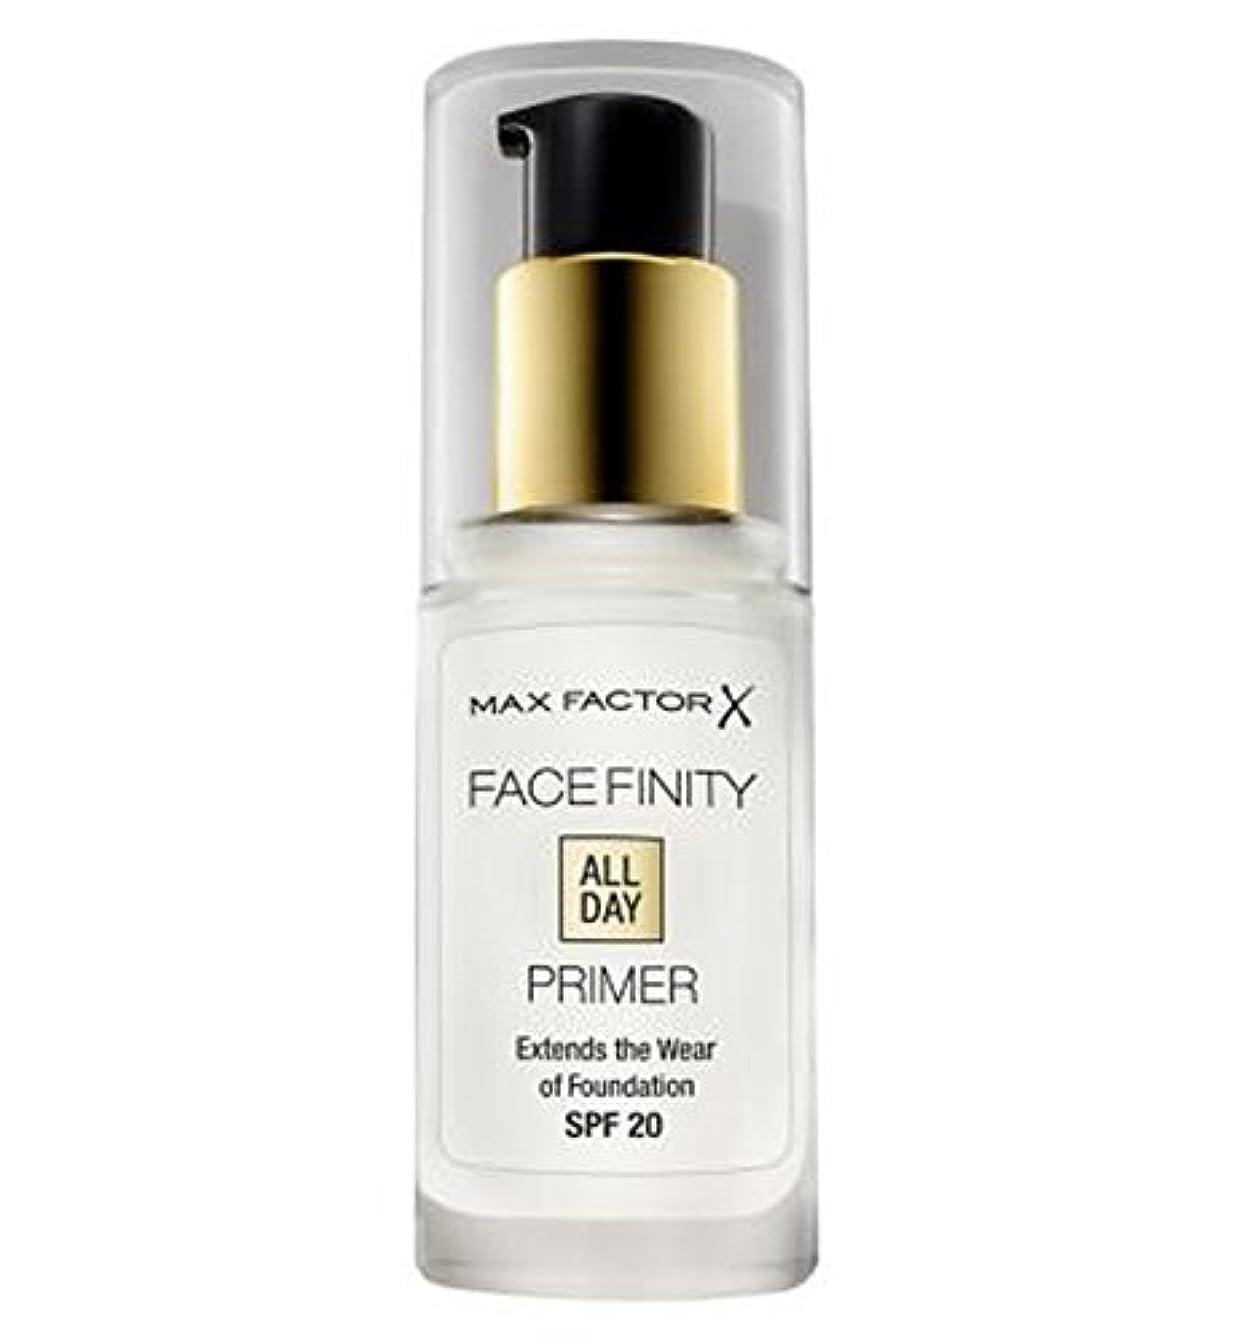 粉砕する荒涼とした代表するMax Factor Facefinity All Day Primer - マックスファクターのFacefinity終日プライマー (Max Factor) [並行輸入品]